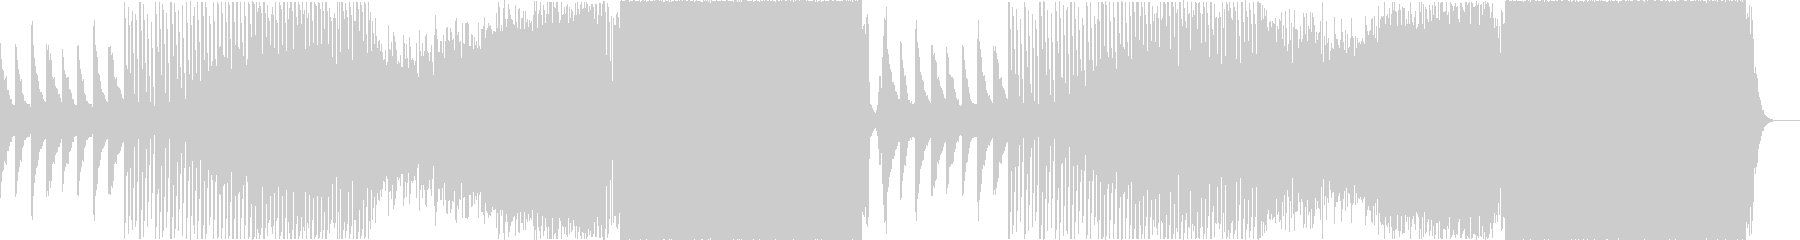 壮大なピアノが特徴的なEDMの未再生の波形